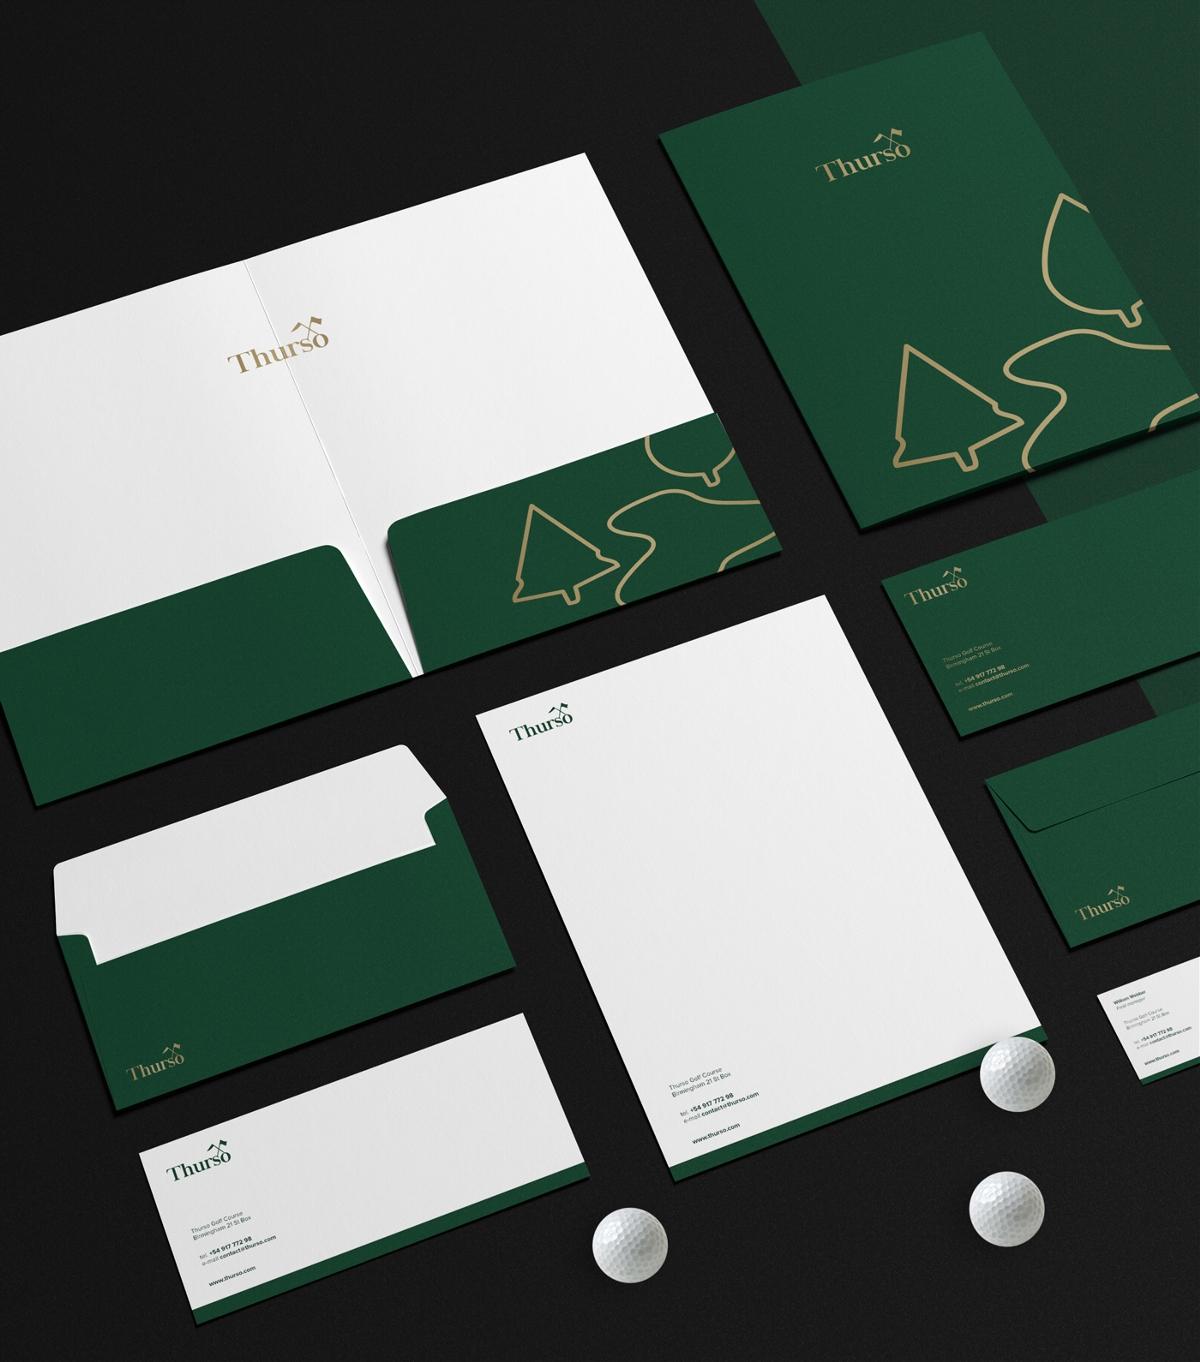 """高尔夫球场""""Thurso""""品牌视觉形象设计"""